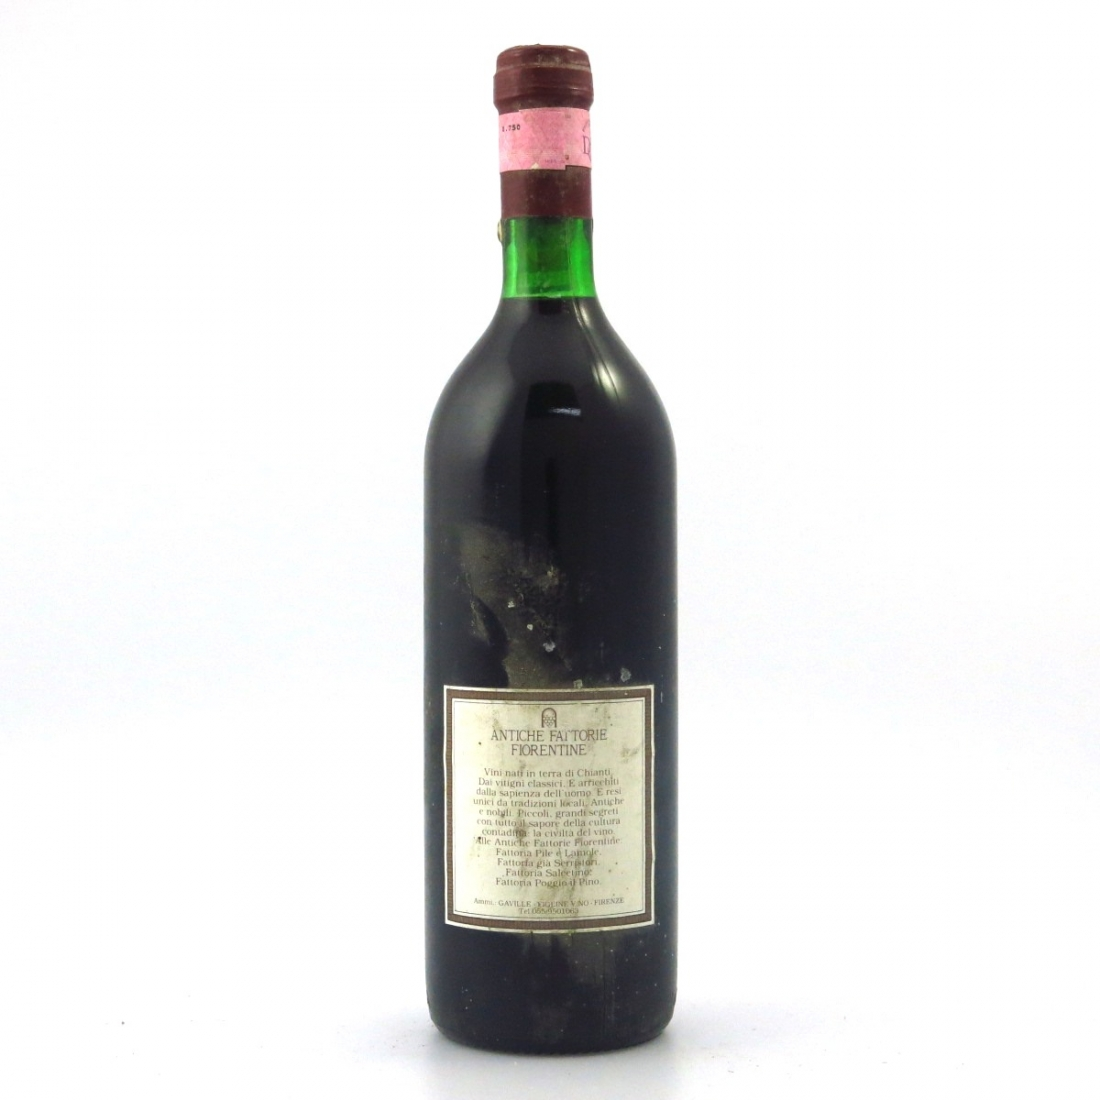 Salcetino 1987 Chianti Classico